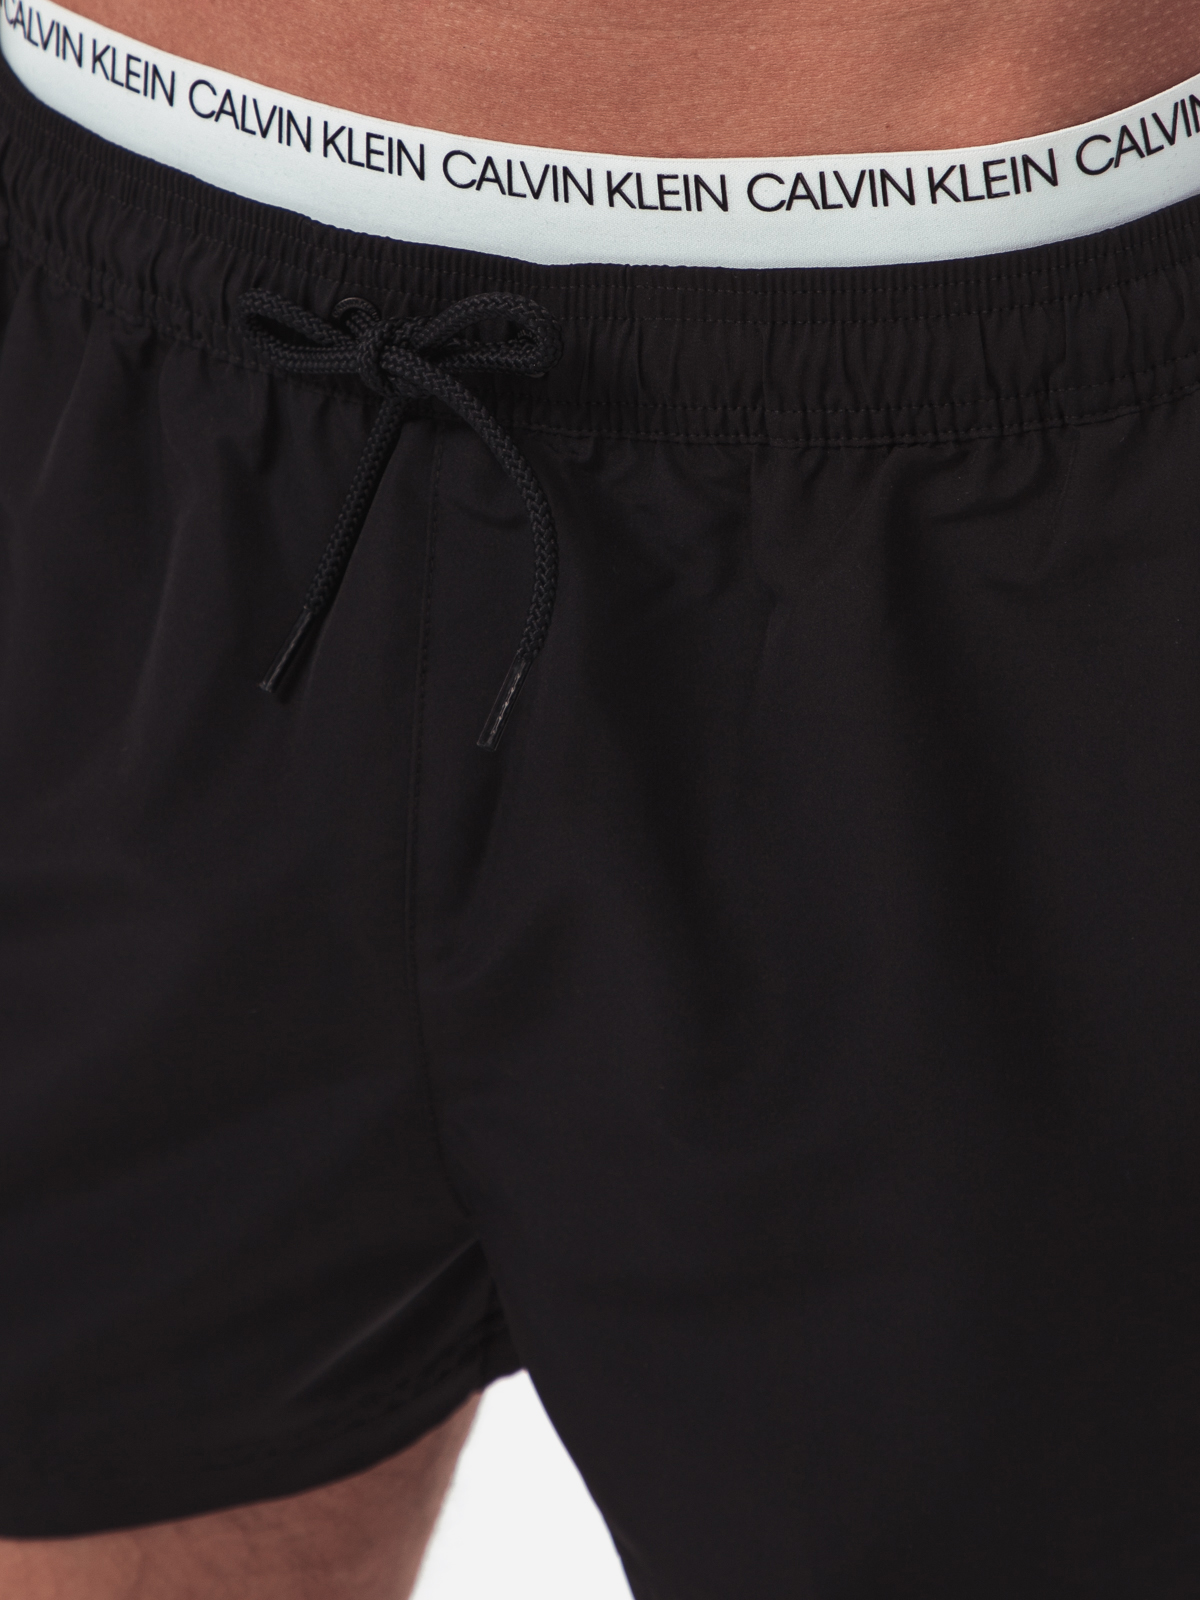 169b0809998 Meeste ujumispüksid calvin klein underwear | Newmood